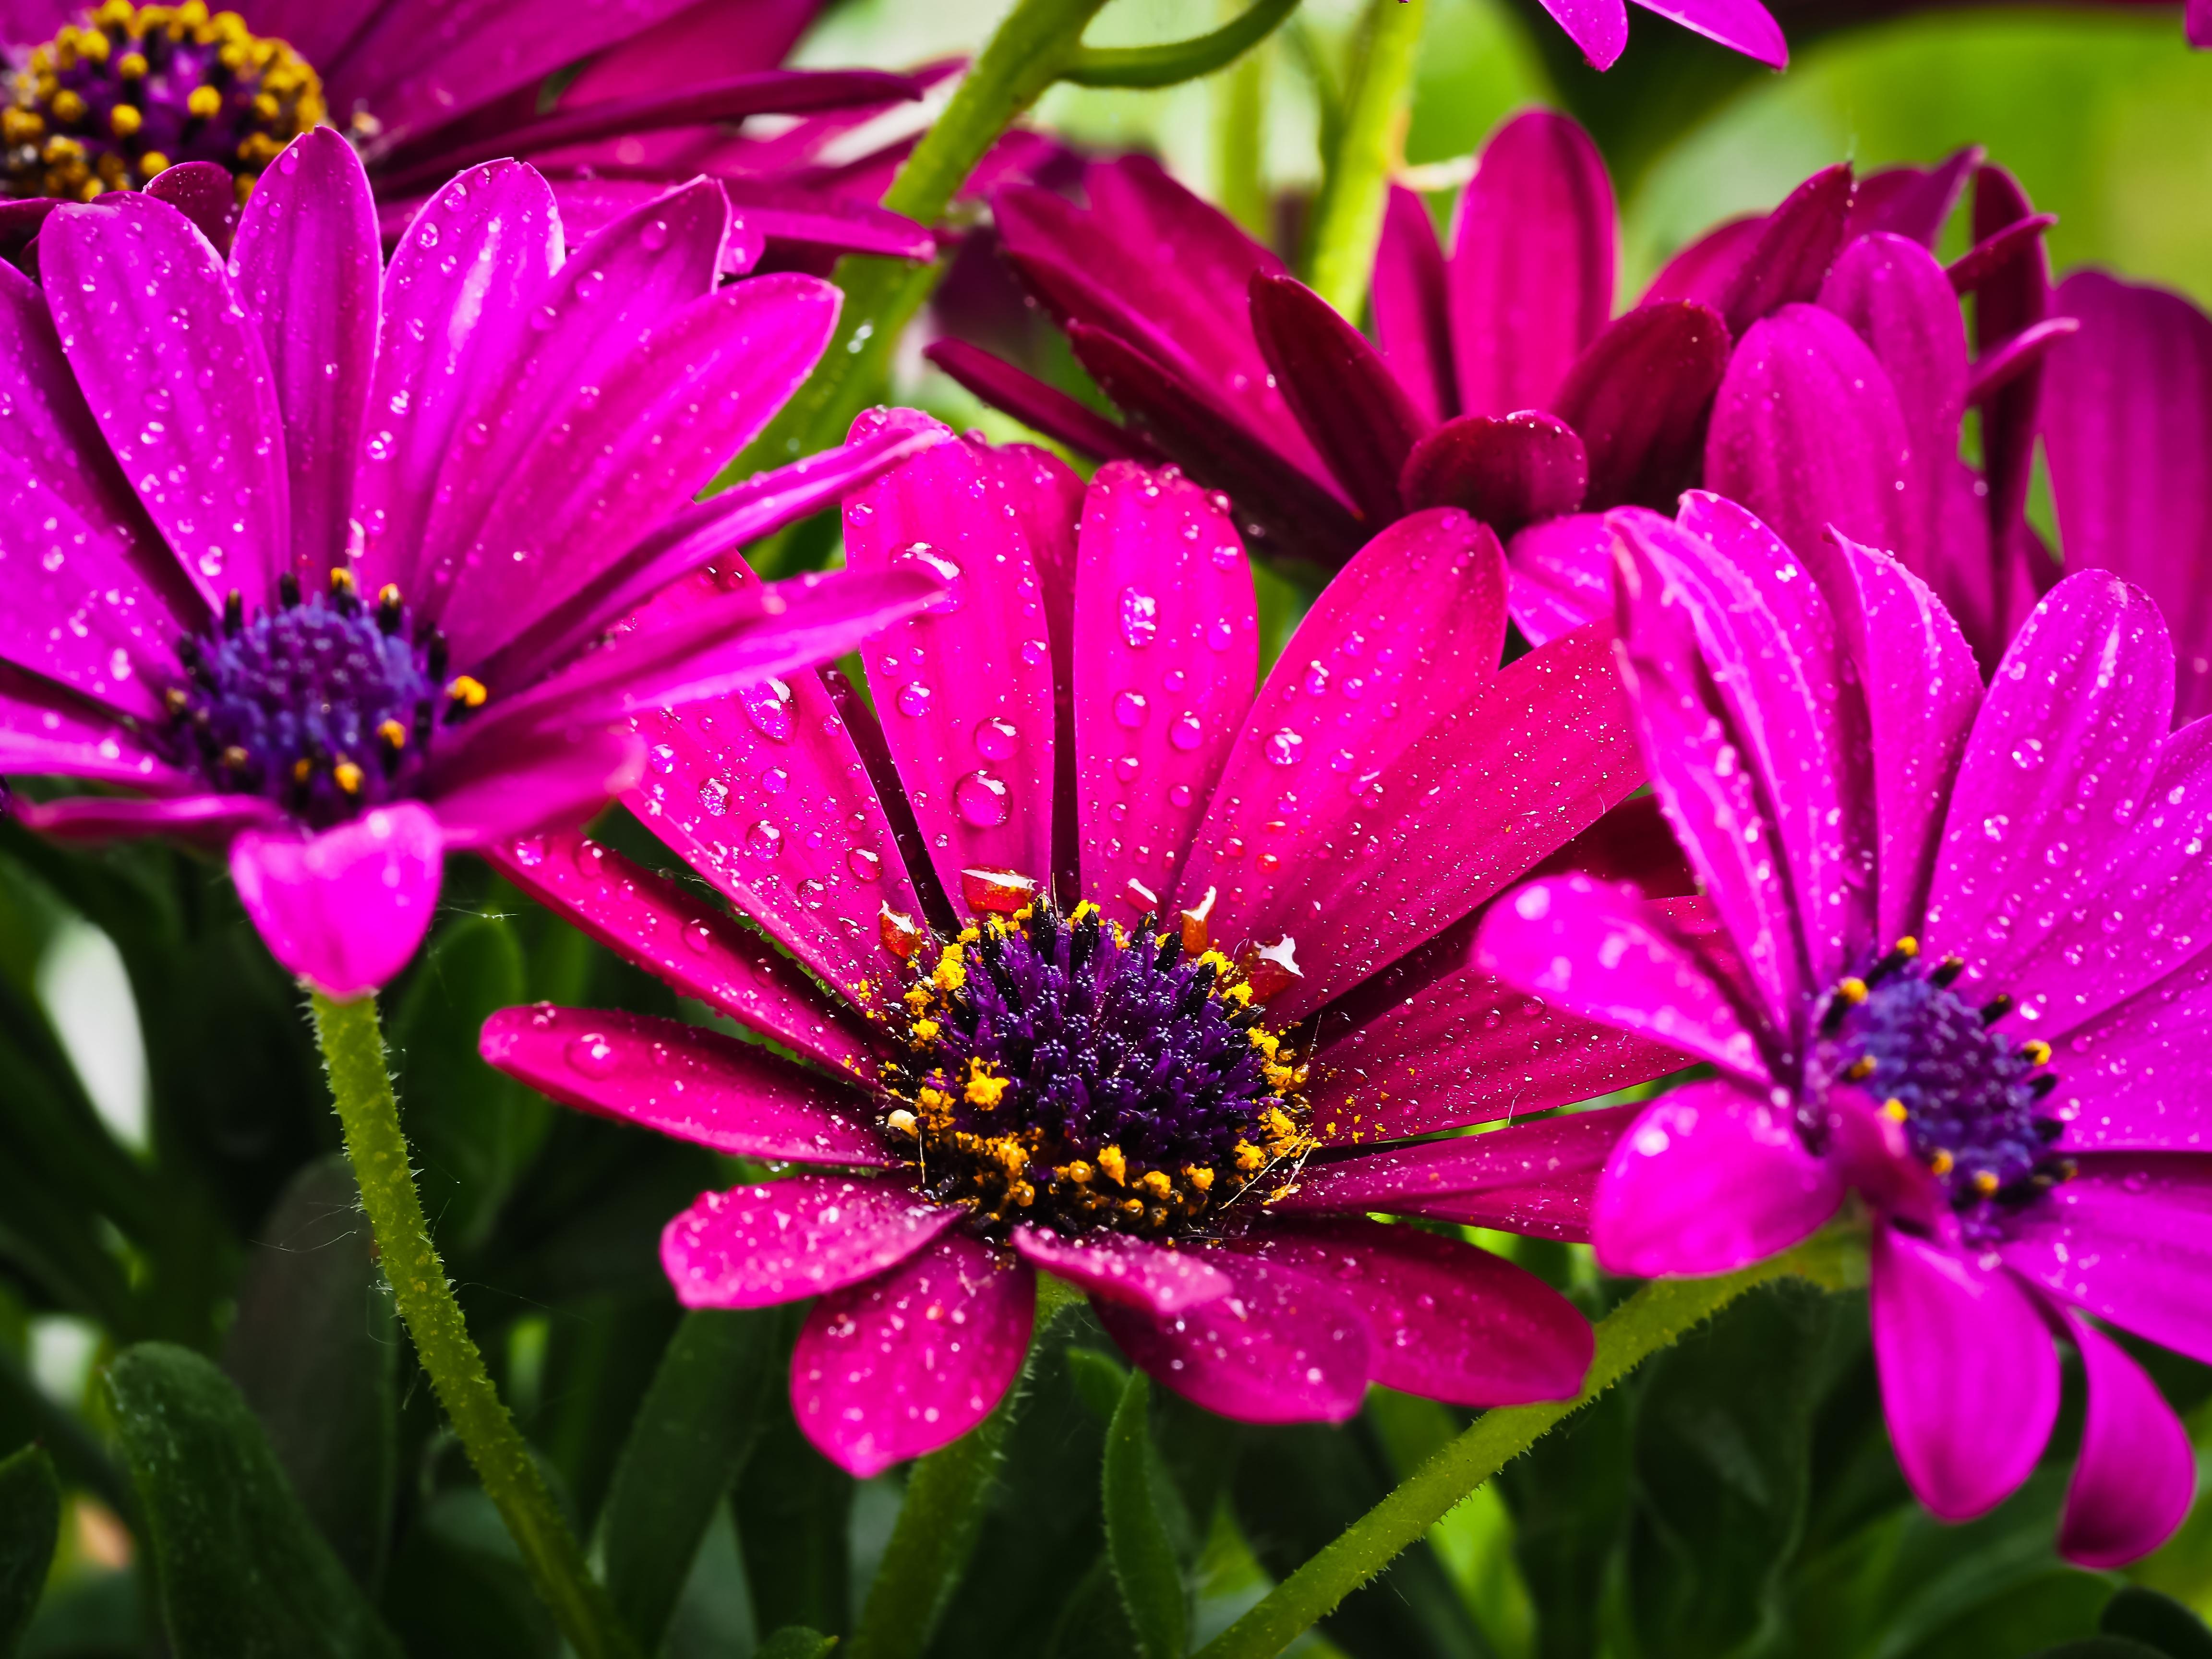 free images nature blossom petal bloom spring botany